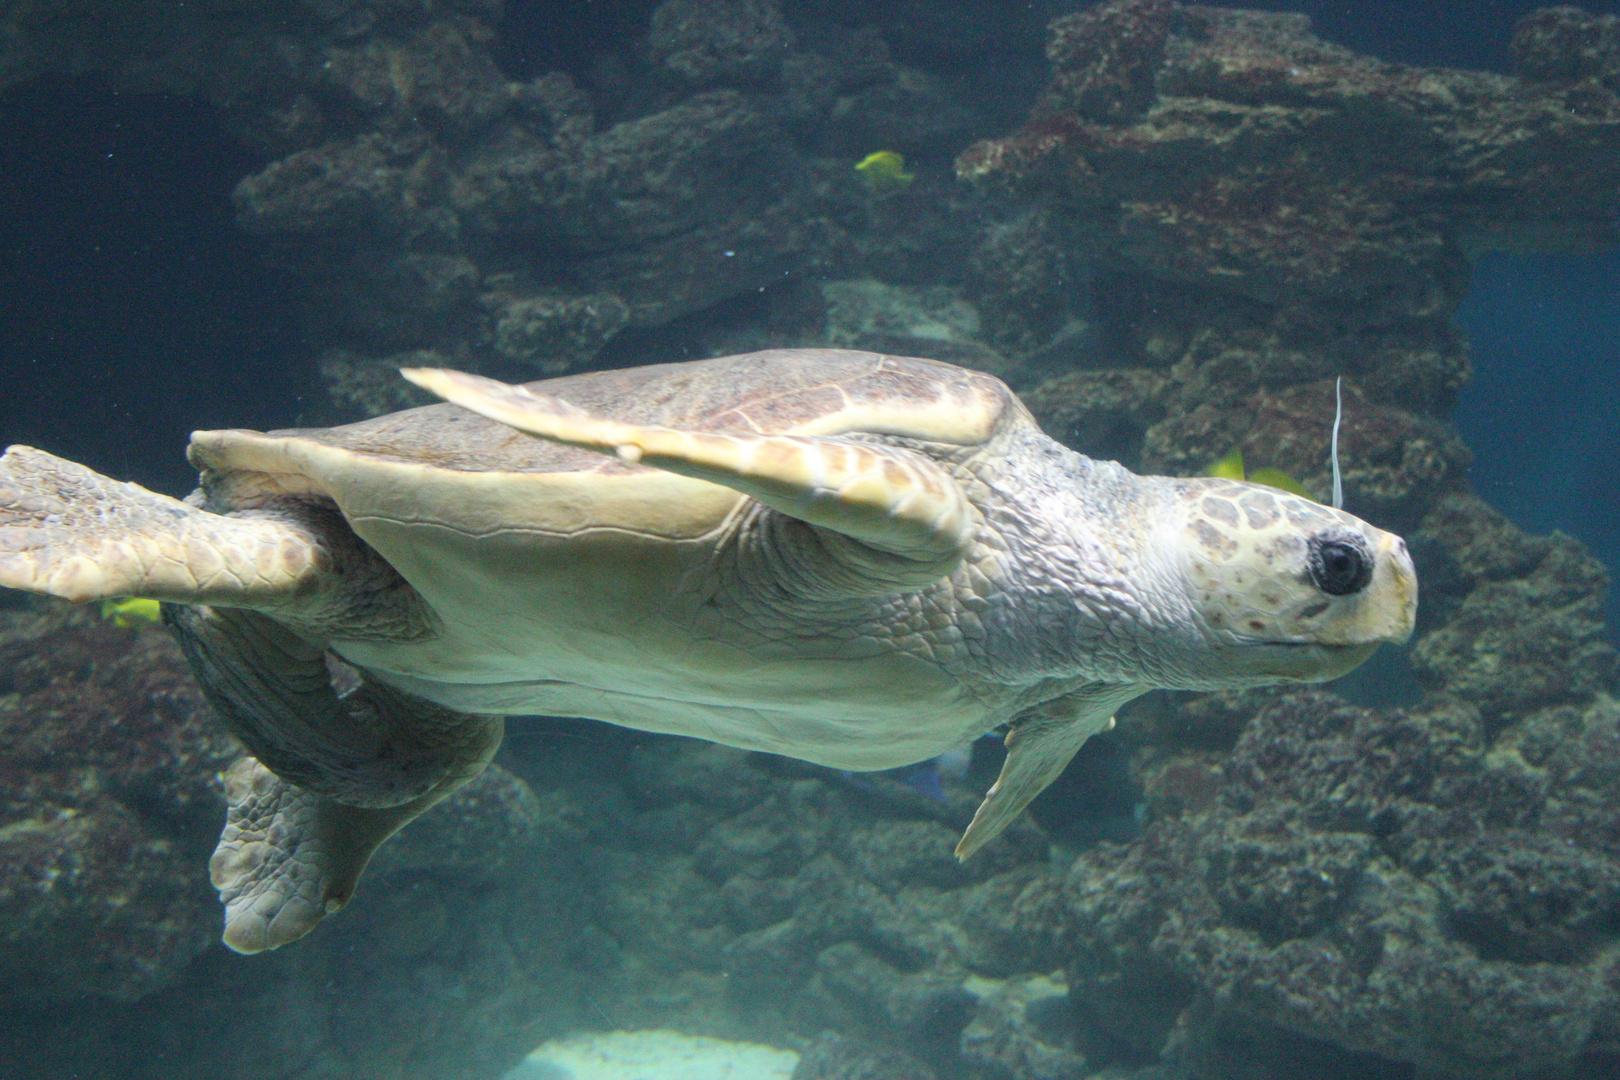 männliche rießen Wasserschildkröte